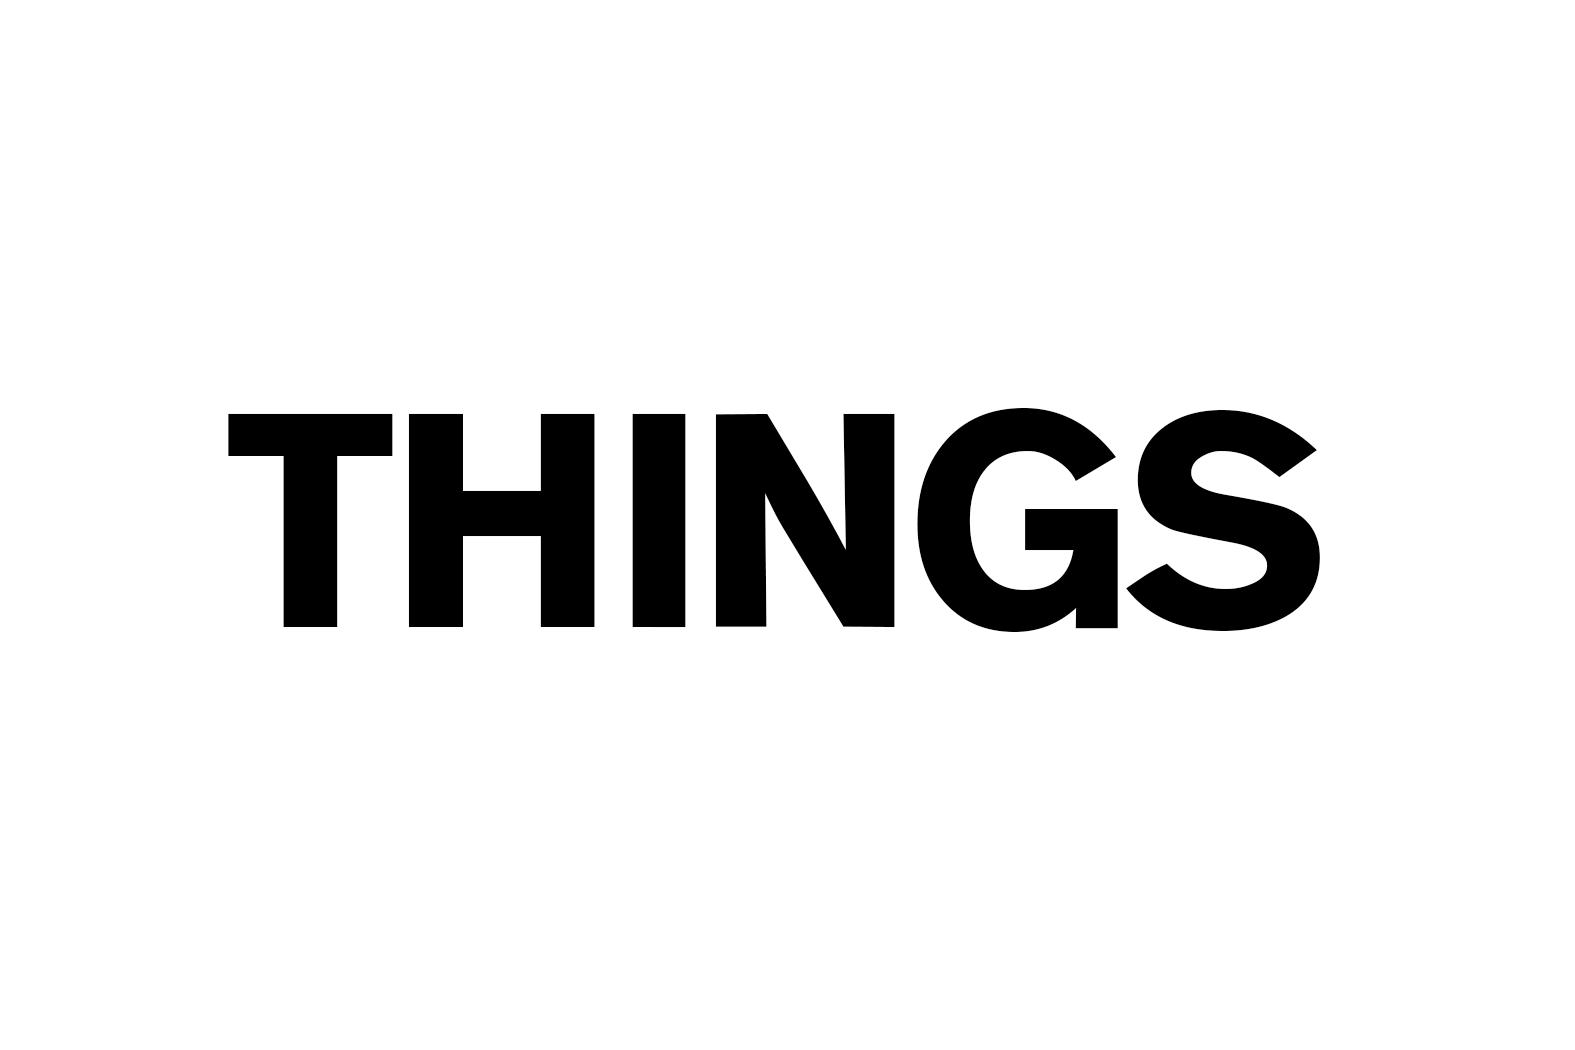 02-01 - THINGS - (2015,01,18)